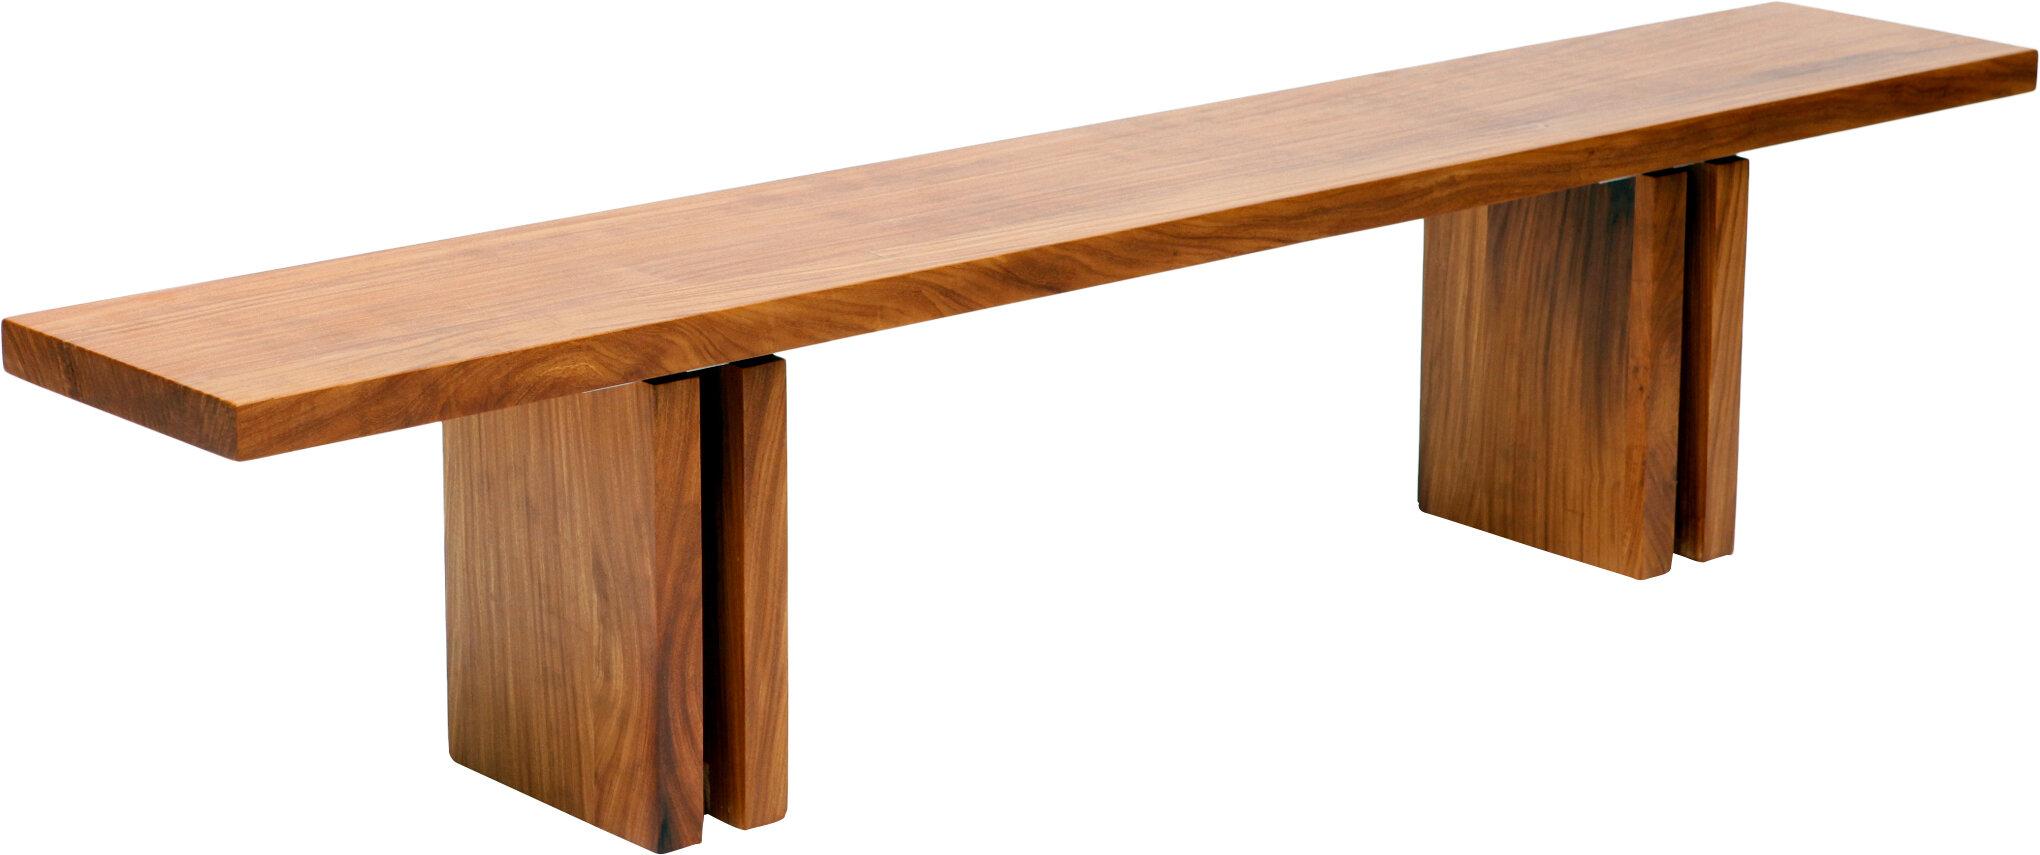 Artless Occidental Wood Bench Wayfair